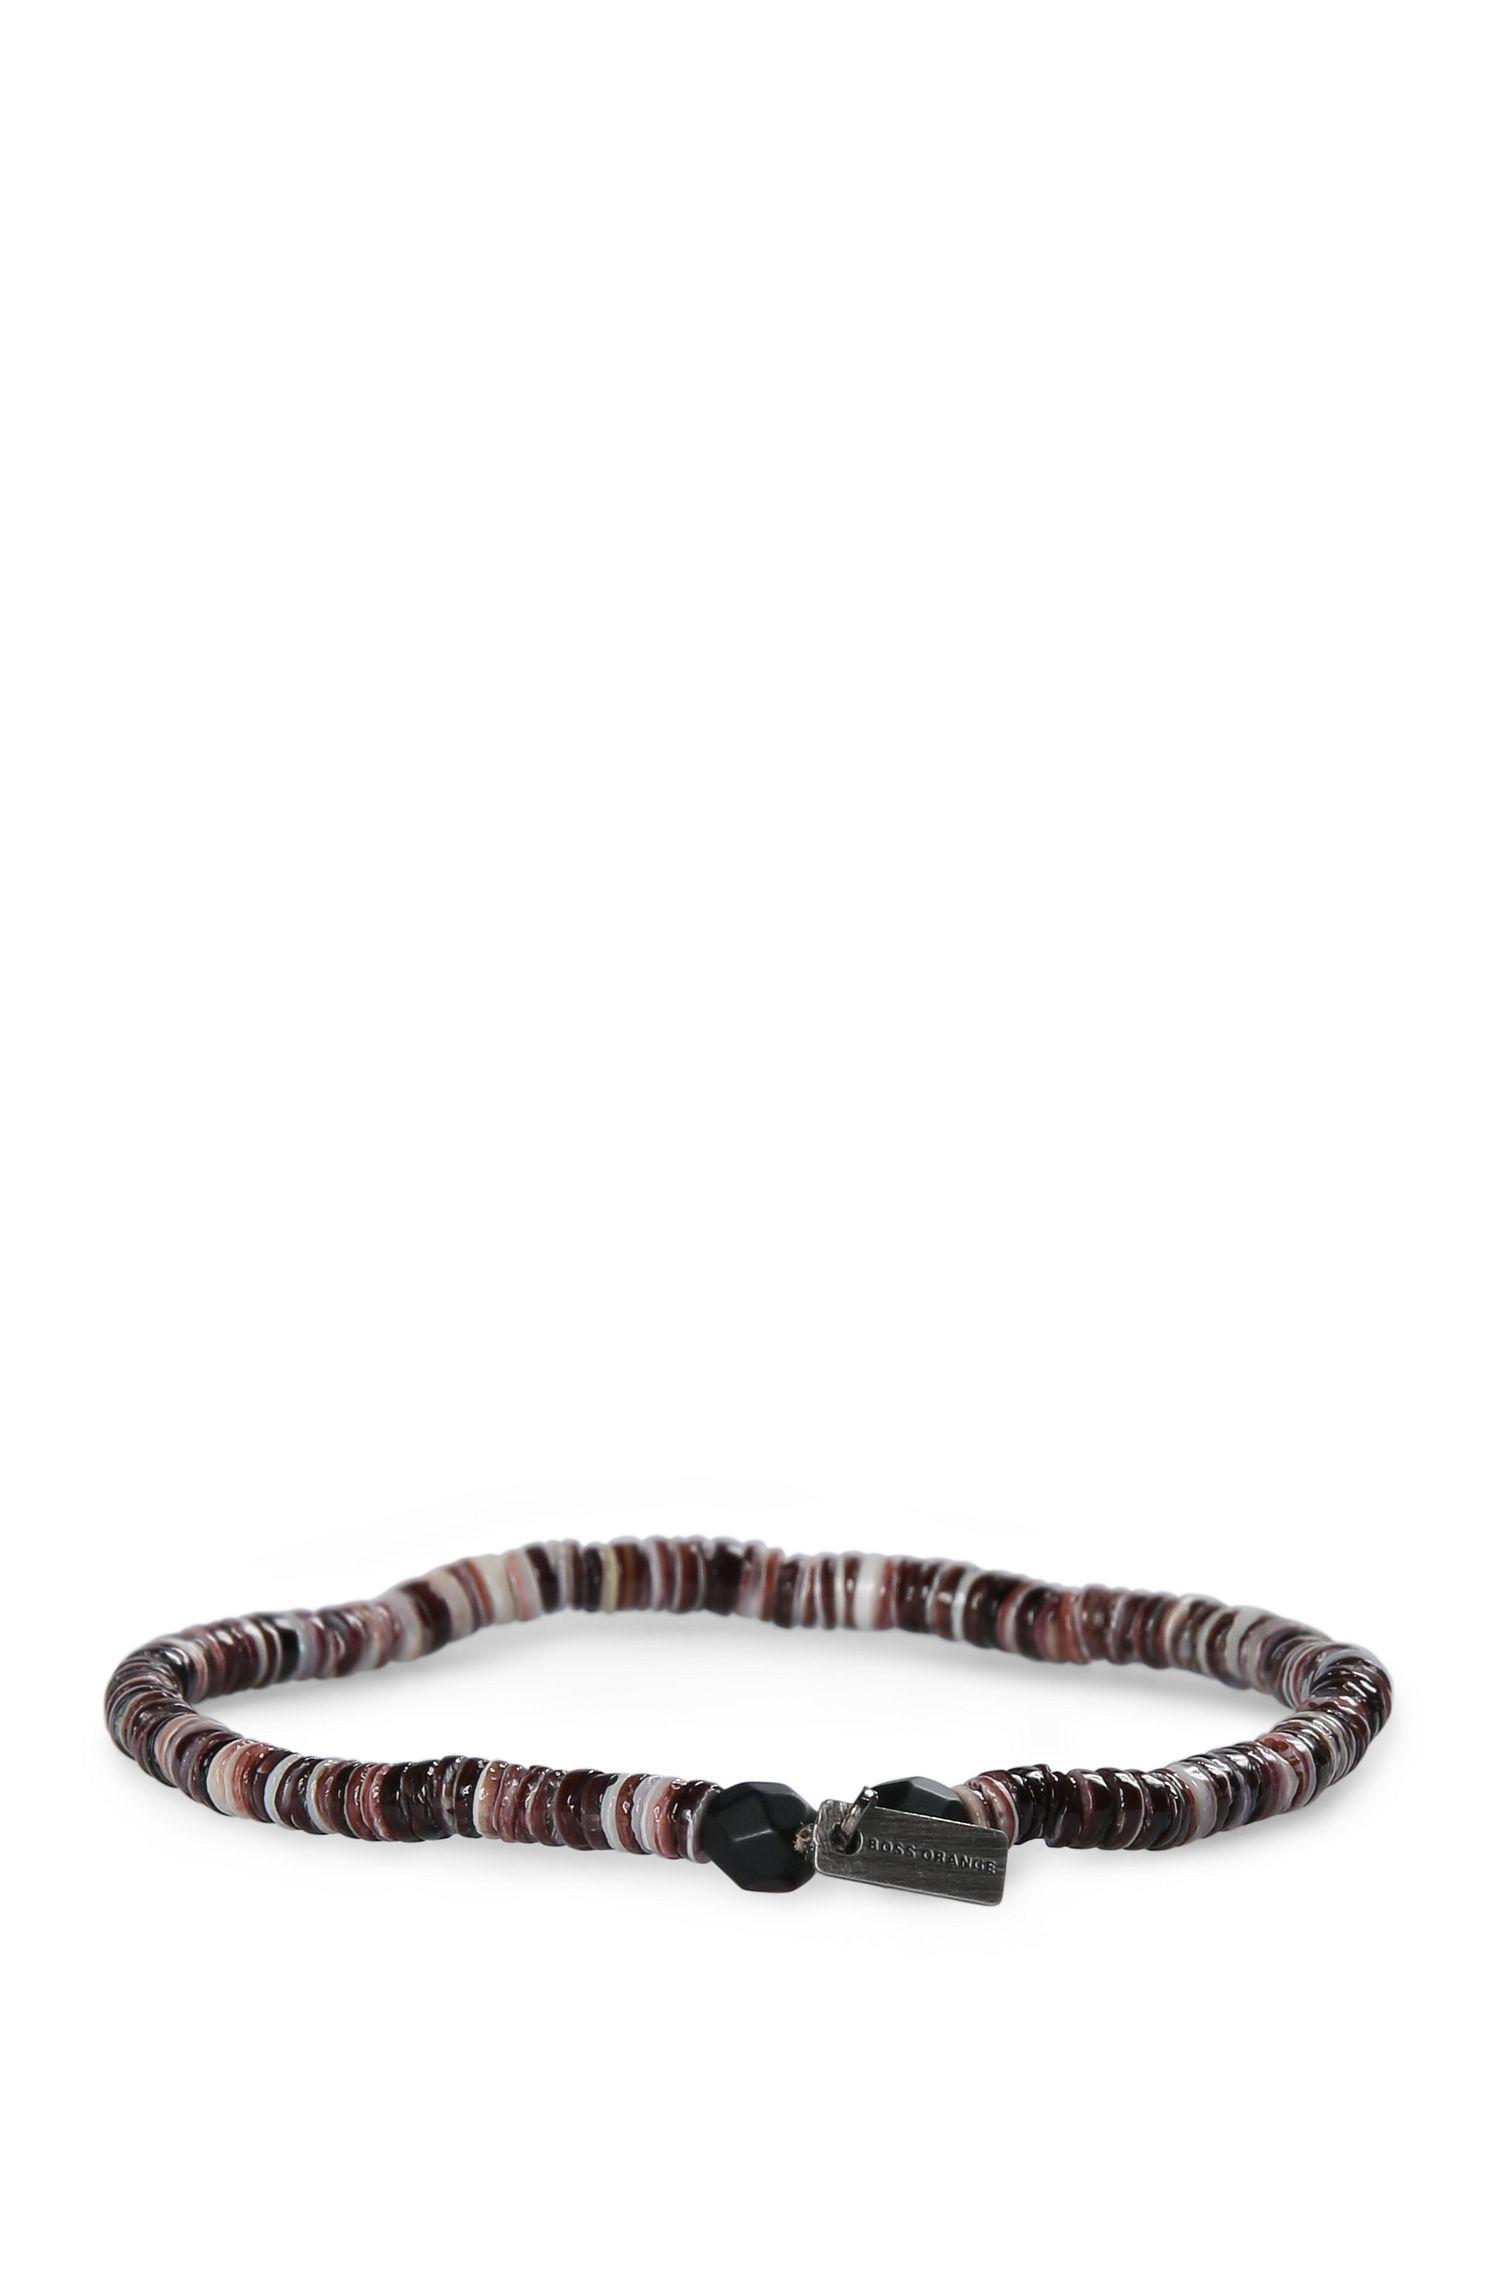 Shell Bracelet | Mishell